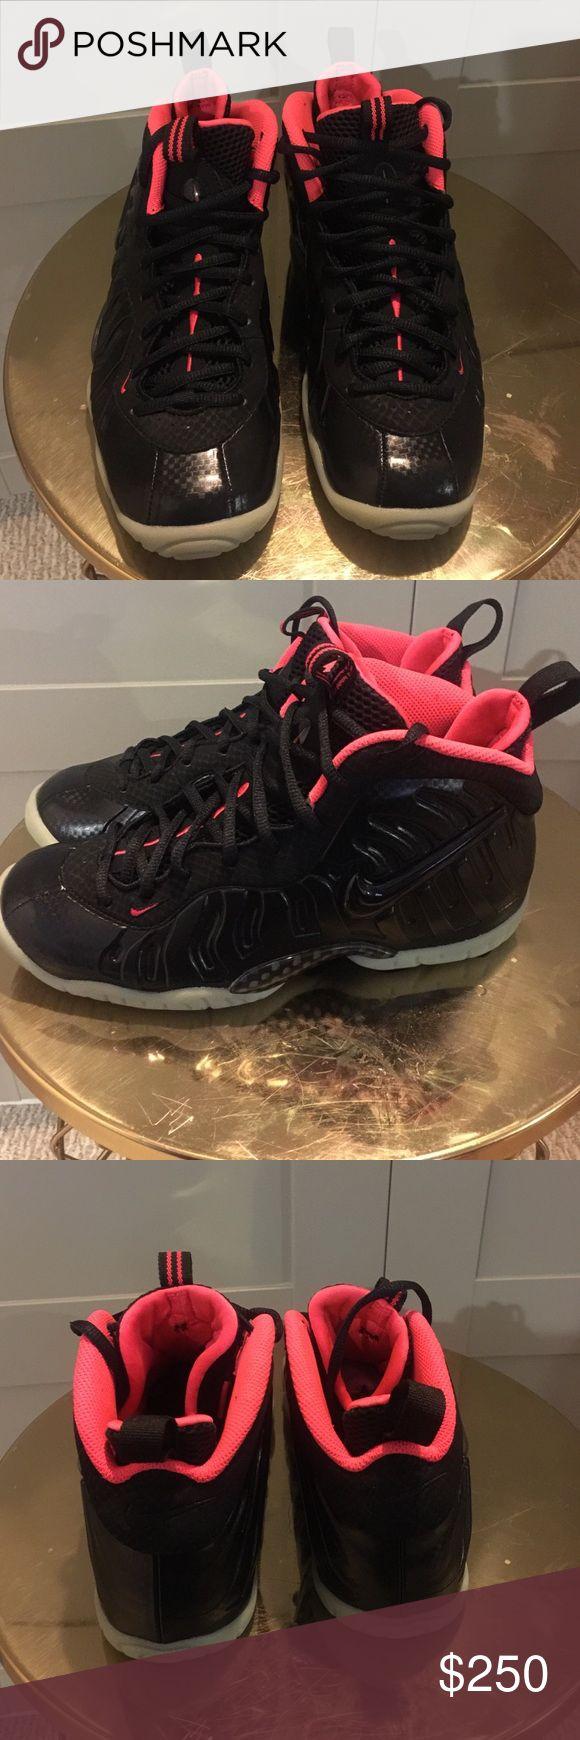 Nike Foamposites Yeezy *DS* *BRAND NEW* Nike YEEZY Foamposites Size 7 (GS) Nike Shoes Sneakers